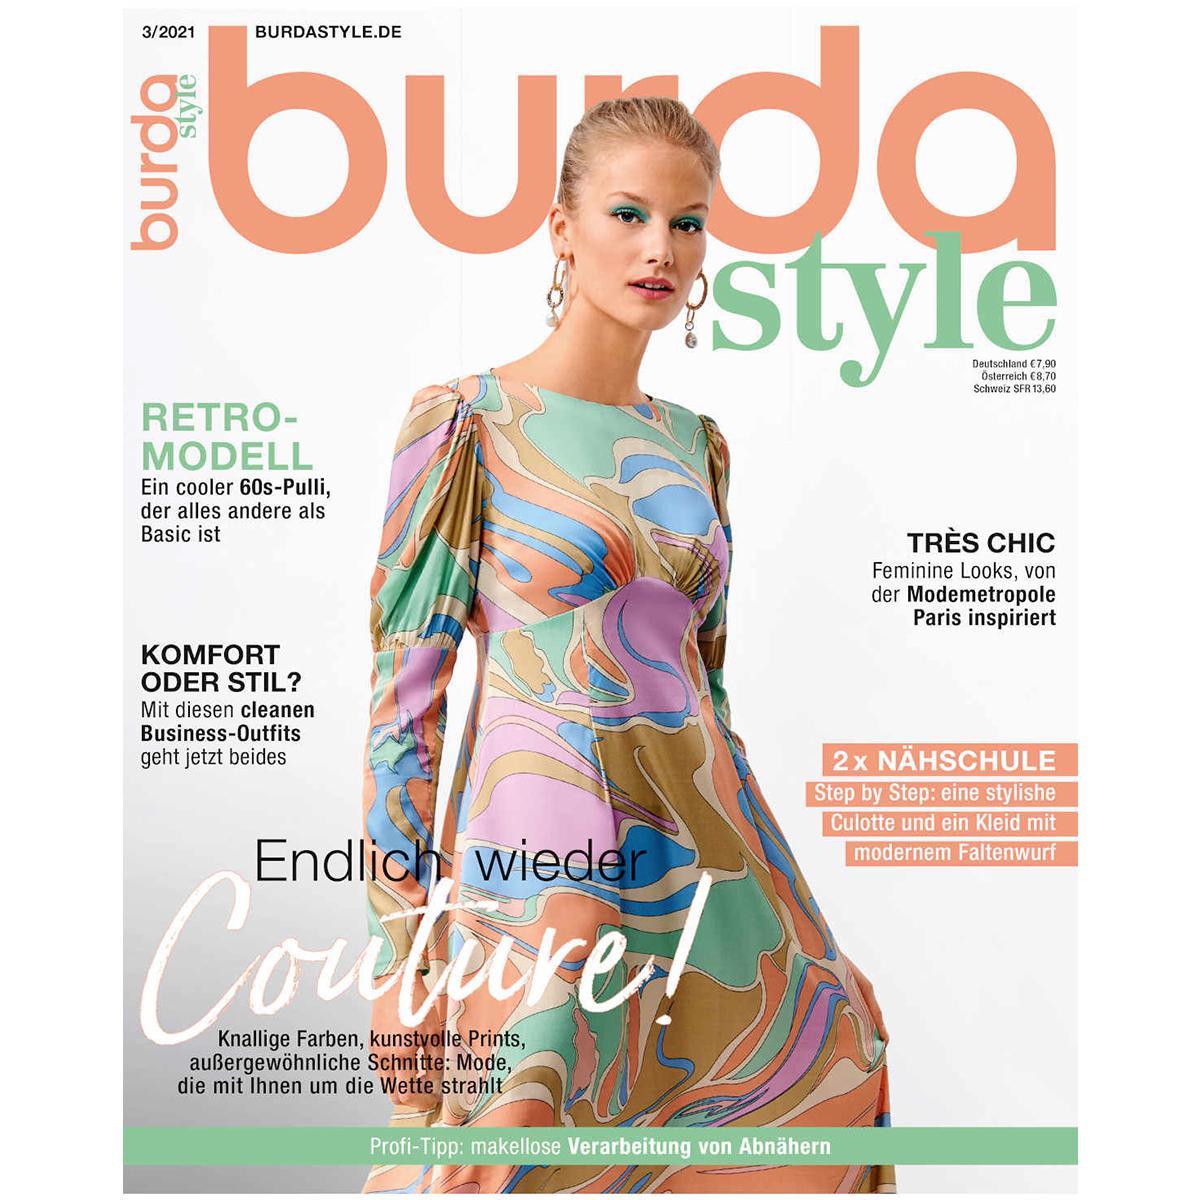 burda style Ausgabe März 2021